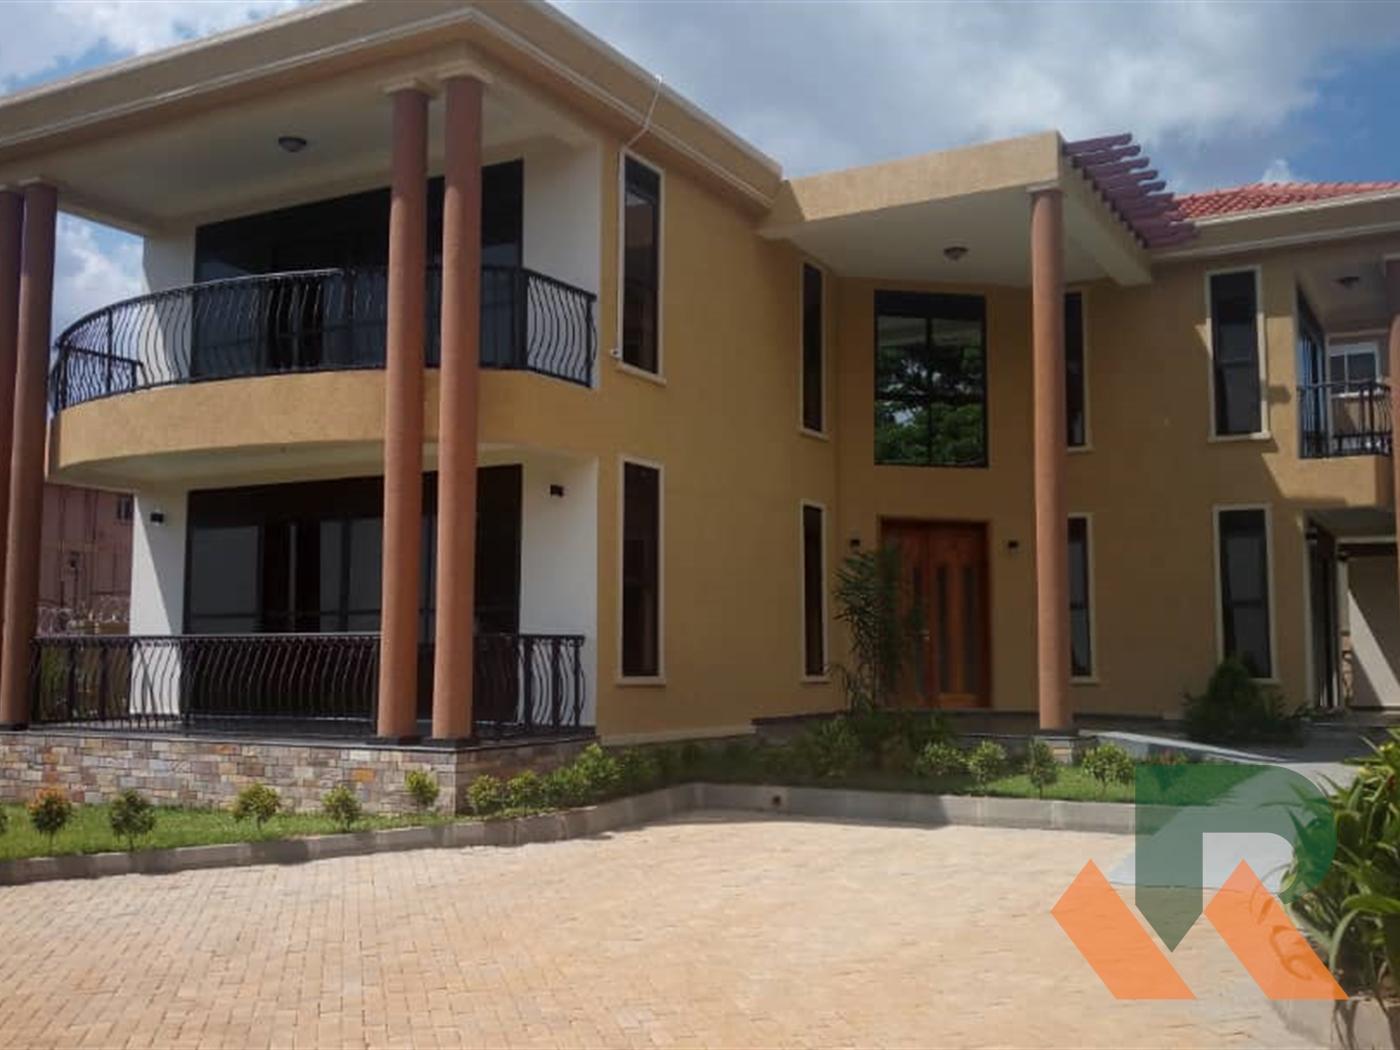 Maisonette for sale in Munyonyo Kampala